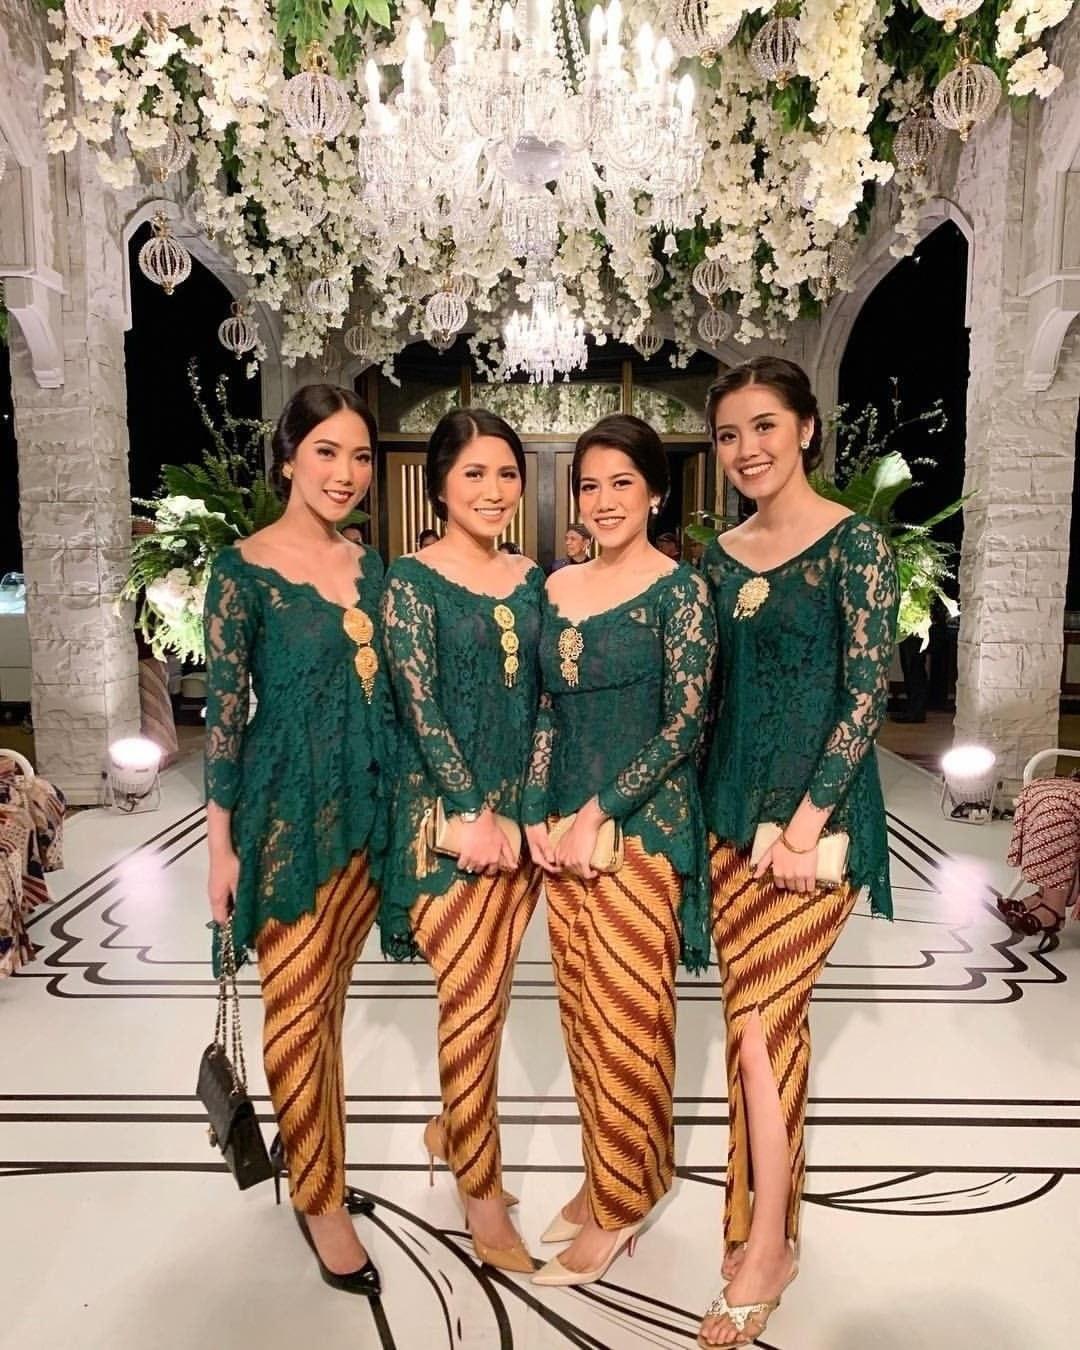 Bentuk Gamis Batik Seragam Pernikahan Bqdd 7 Ide Seragam Bridesmaid Yang Bisa Kamu Contek Mulai Dari